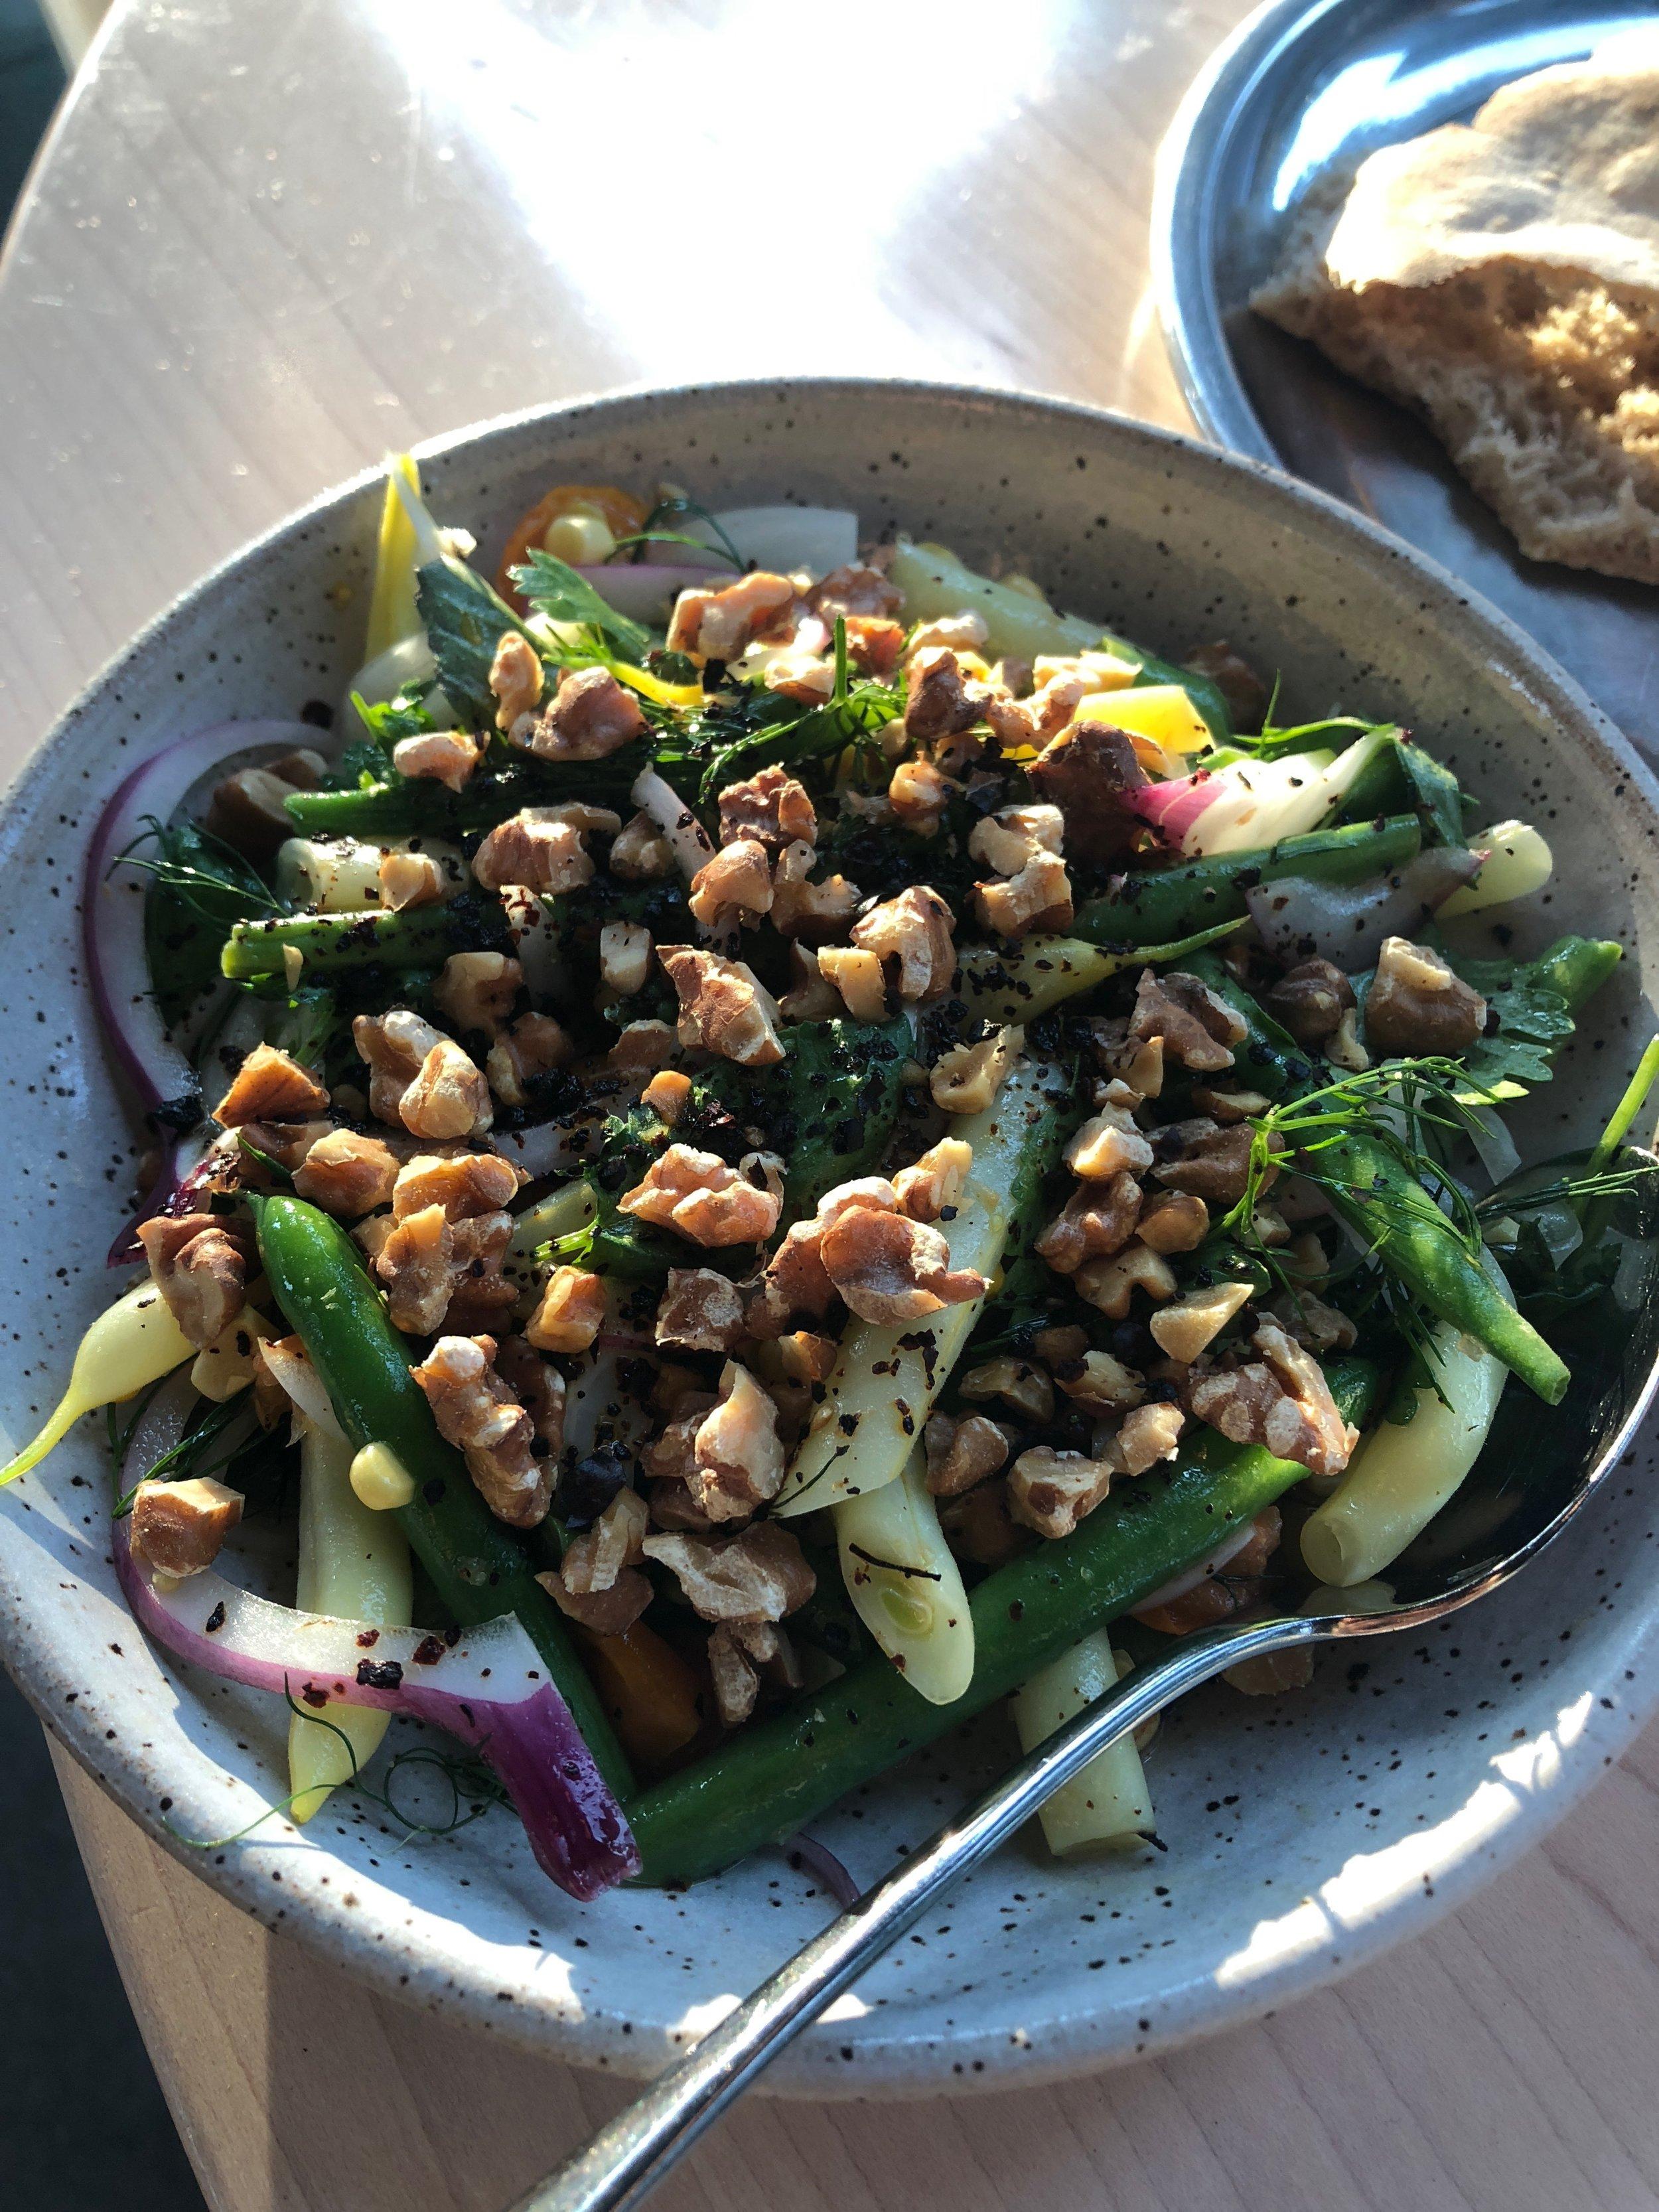 Salad at Tusk